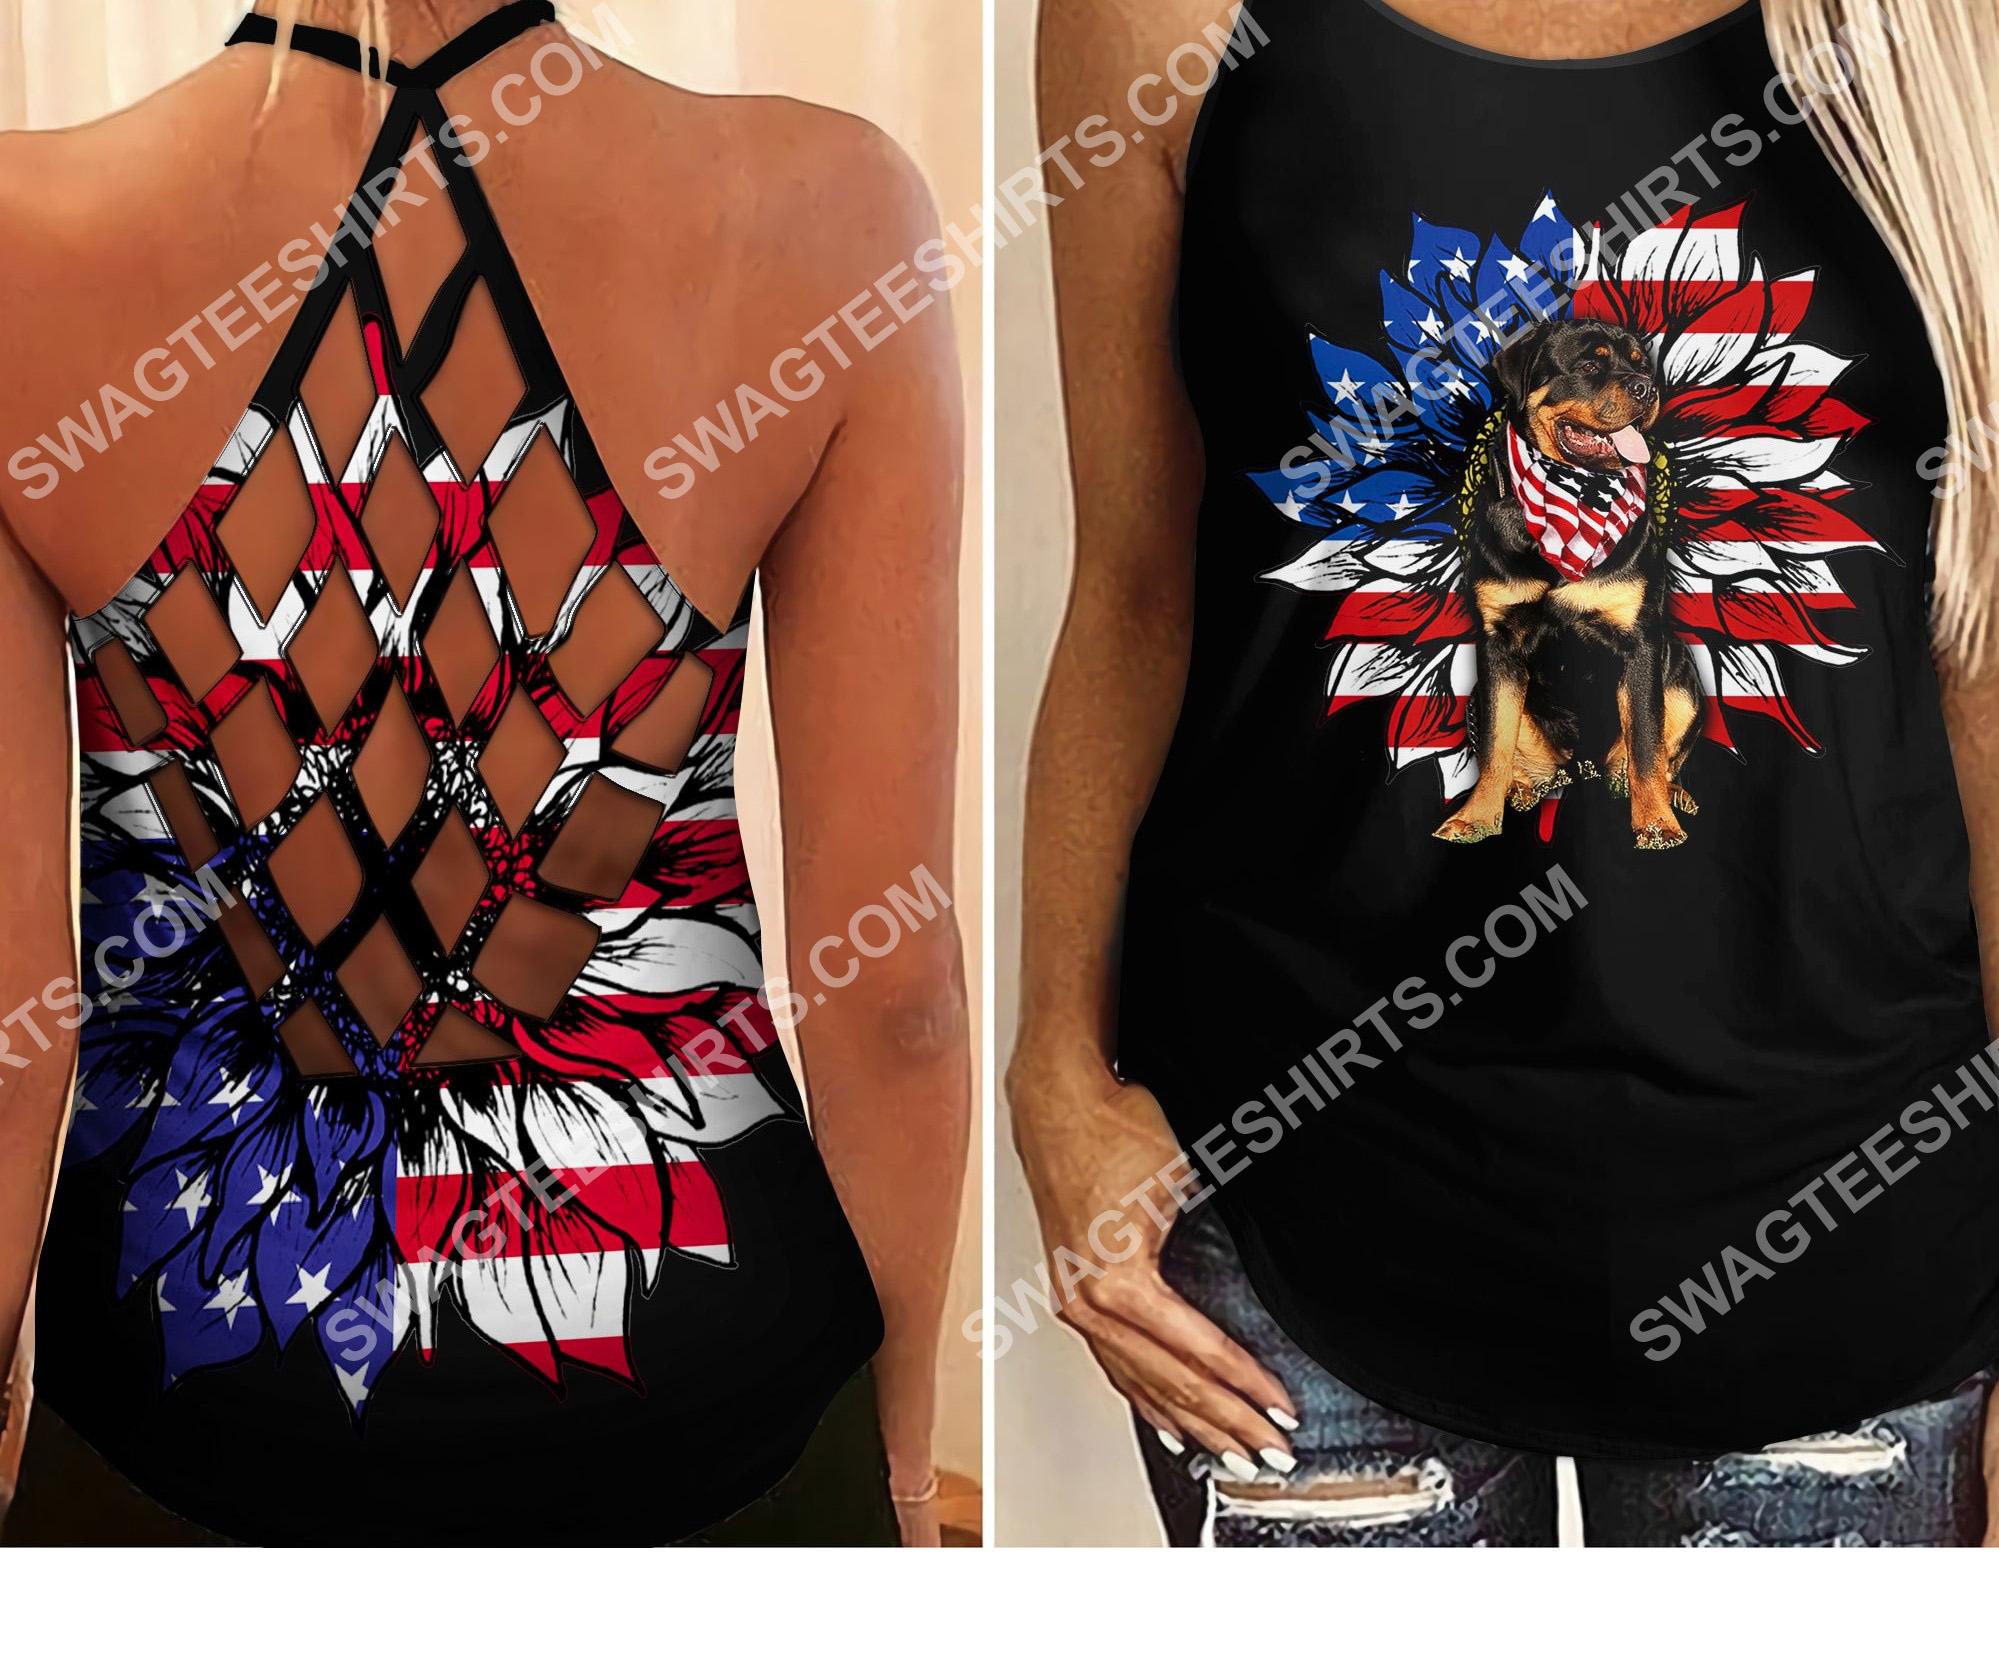 american flag sunflower rottweiler criss-cross tank top 2 - Copy (2)